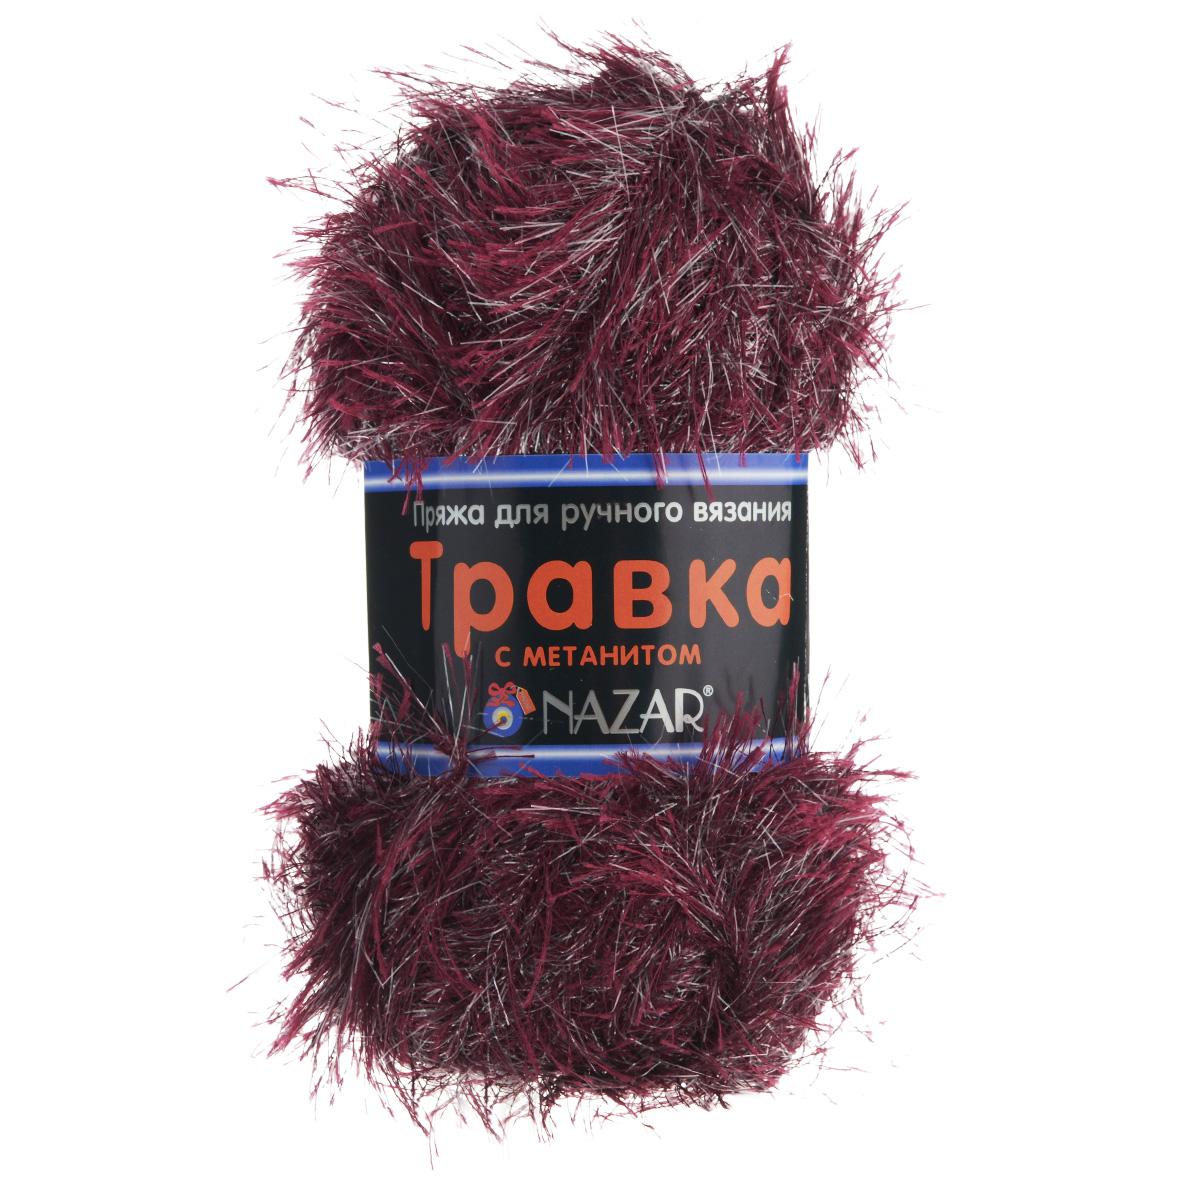 Пряжа для вязания Nazar Травка с метанитом, цвет: бордовый (2029), 115 м, 100 г, 5 шт349021_2029Пряжа для вязания Nazar Травка с метанитом изготовлена из 90% полиэстера, 10% метанита. Это - пряжа с ворсом. Изделия выглядят как меховые, а добавление метанита придает блеск. Полотно выглядит пушистым с обеих сторон. Пряжа используется для отделки изделий, создания игрушек, а также хороша для новогодних костюмов и в качестве мишуры. Подходит для вязания на спицах и крючках 4 мм. Состав: 90% полиэстер, 10% метанит. Комплектация: 5 шт. Толщина нити: 1,5 мм.